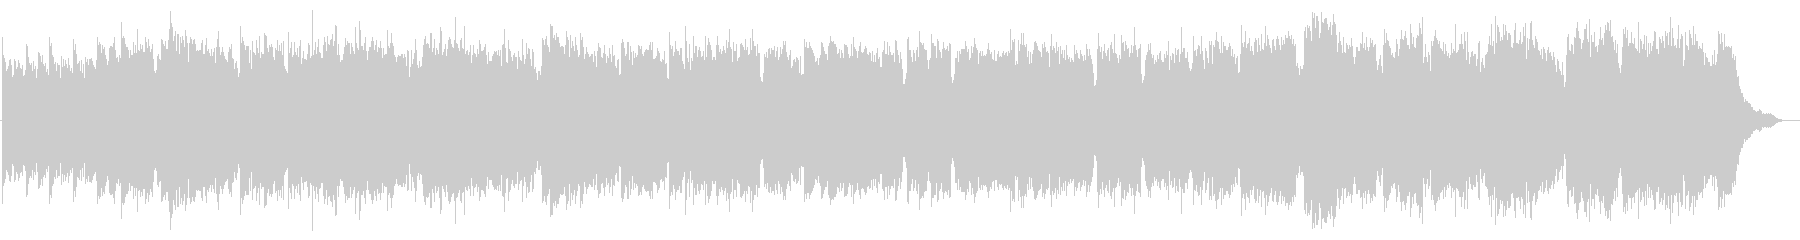 民族調三拍子のフルートオリジナル曲の未再生の波形